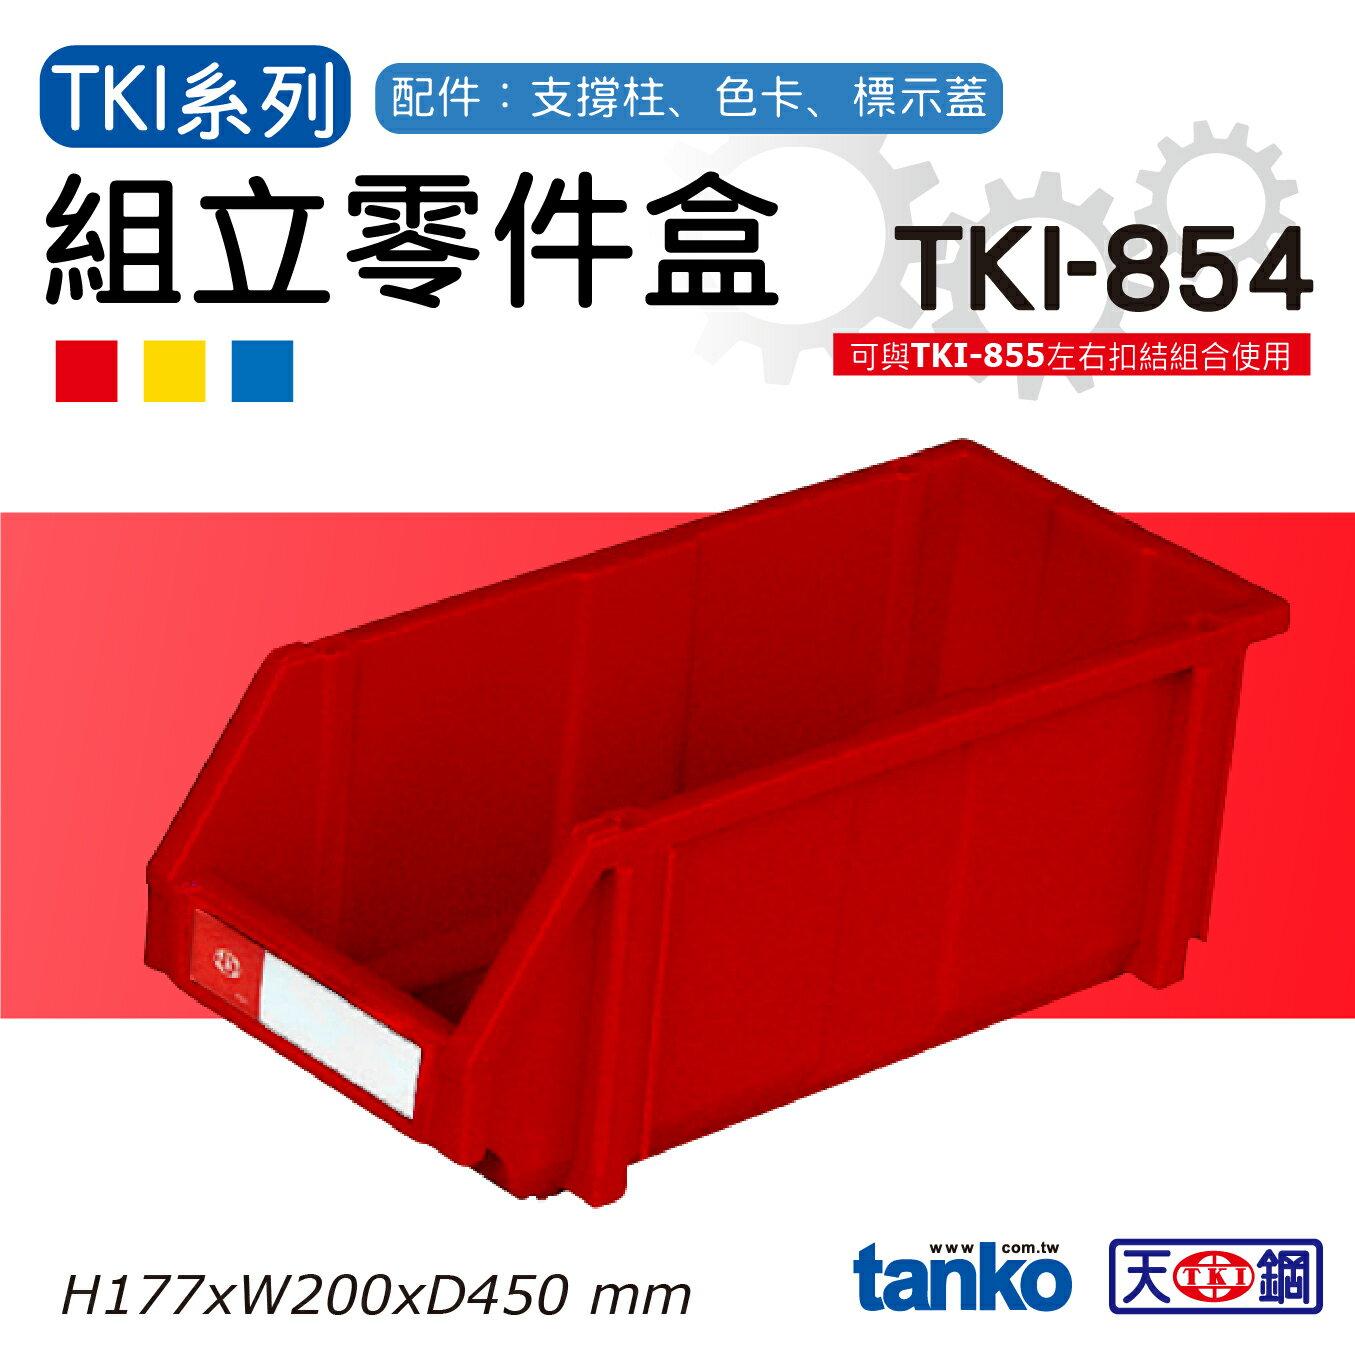 天鋼(共三色可選)★紅色★ TKI-854 組立零件盒天鋼(單入) 耐衝擊分類盒 零件盒 分類箱 工業用 零件收納